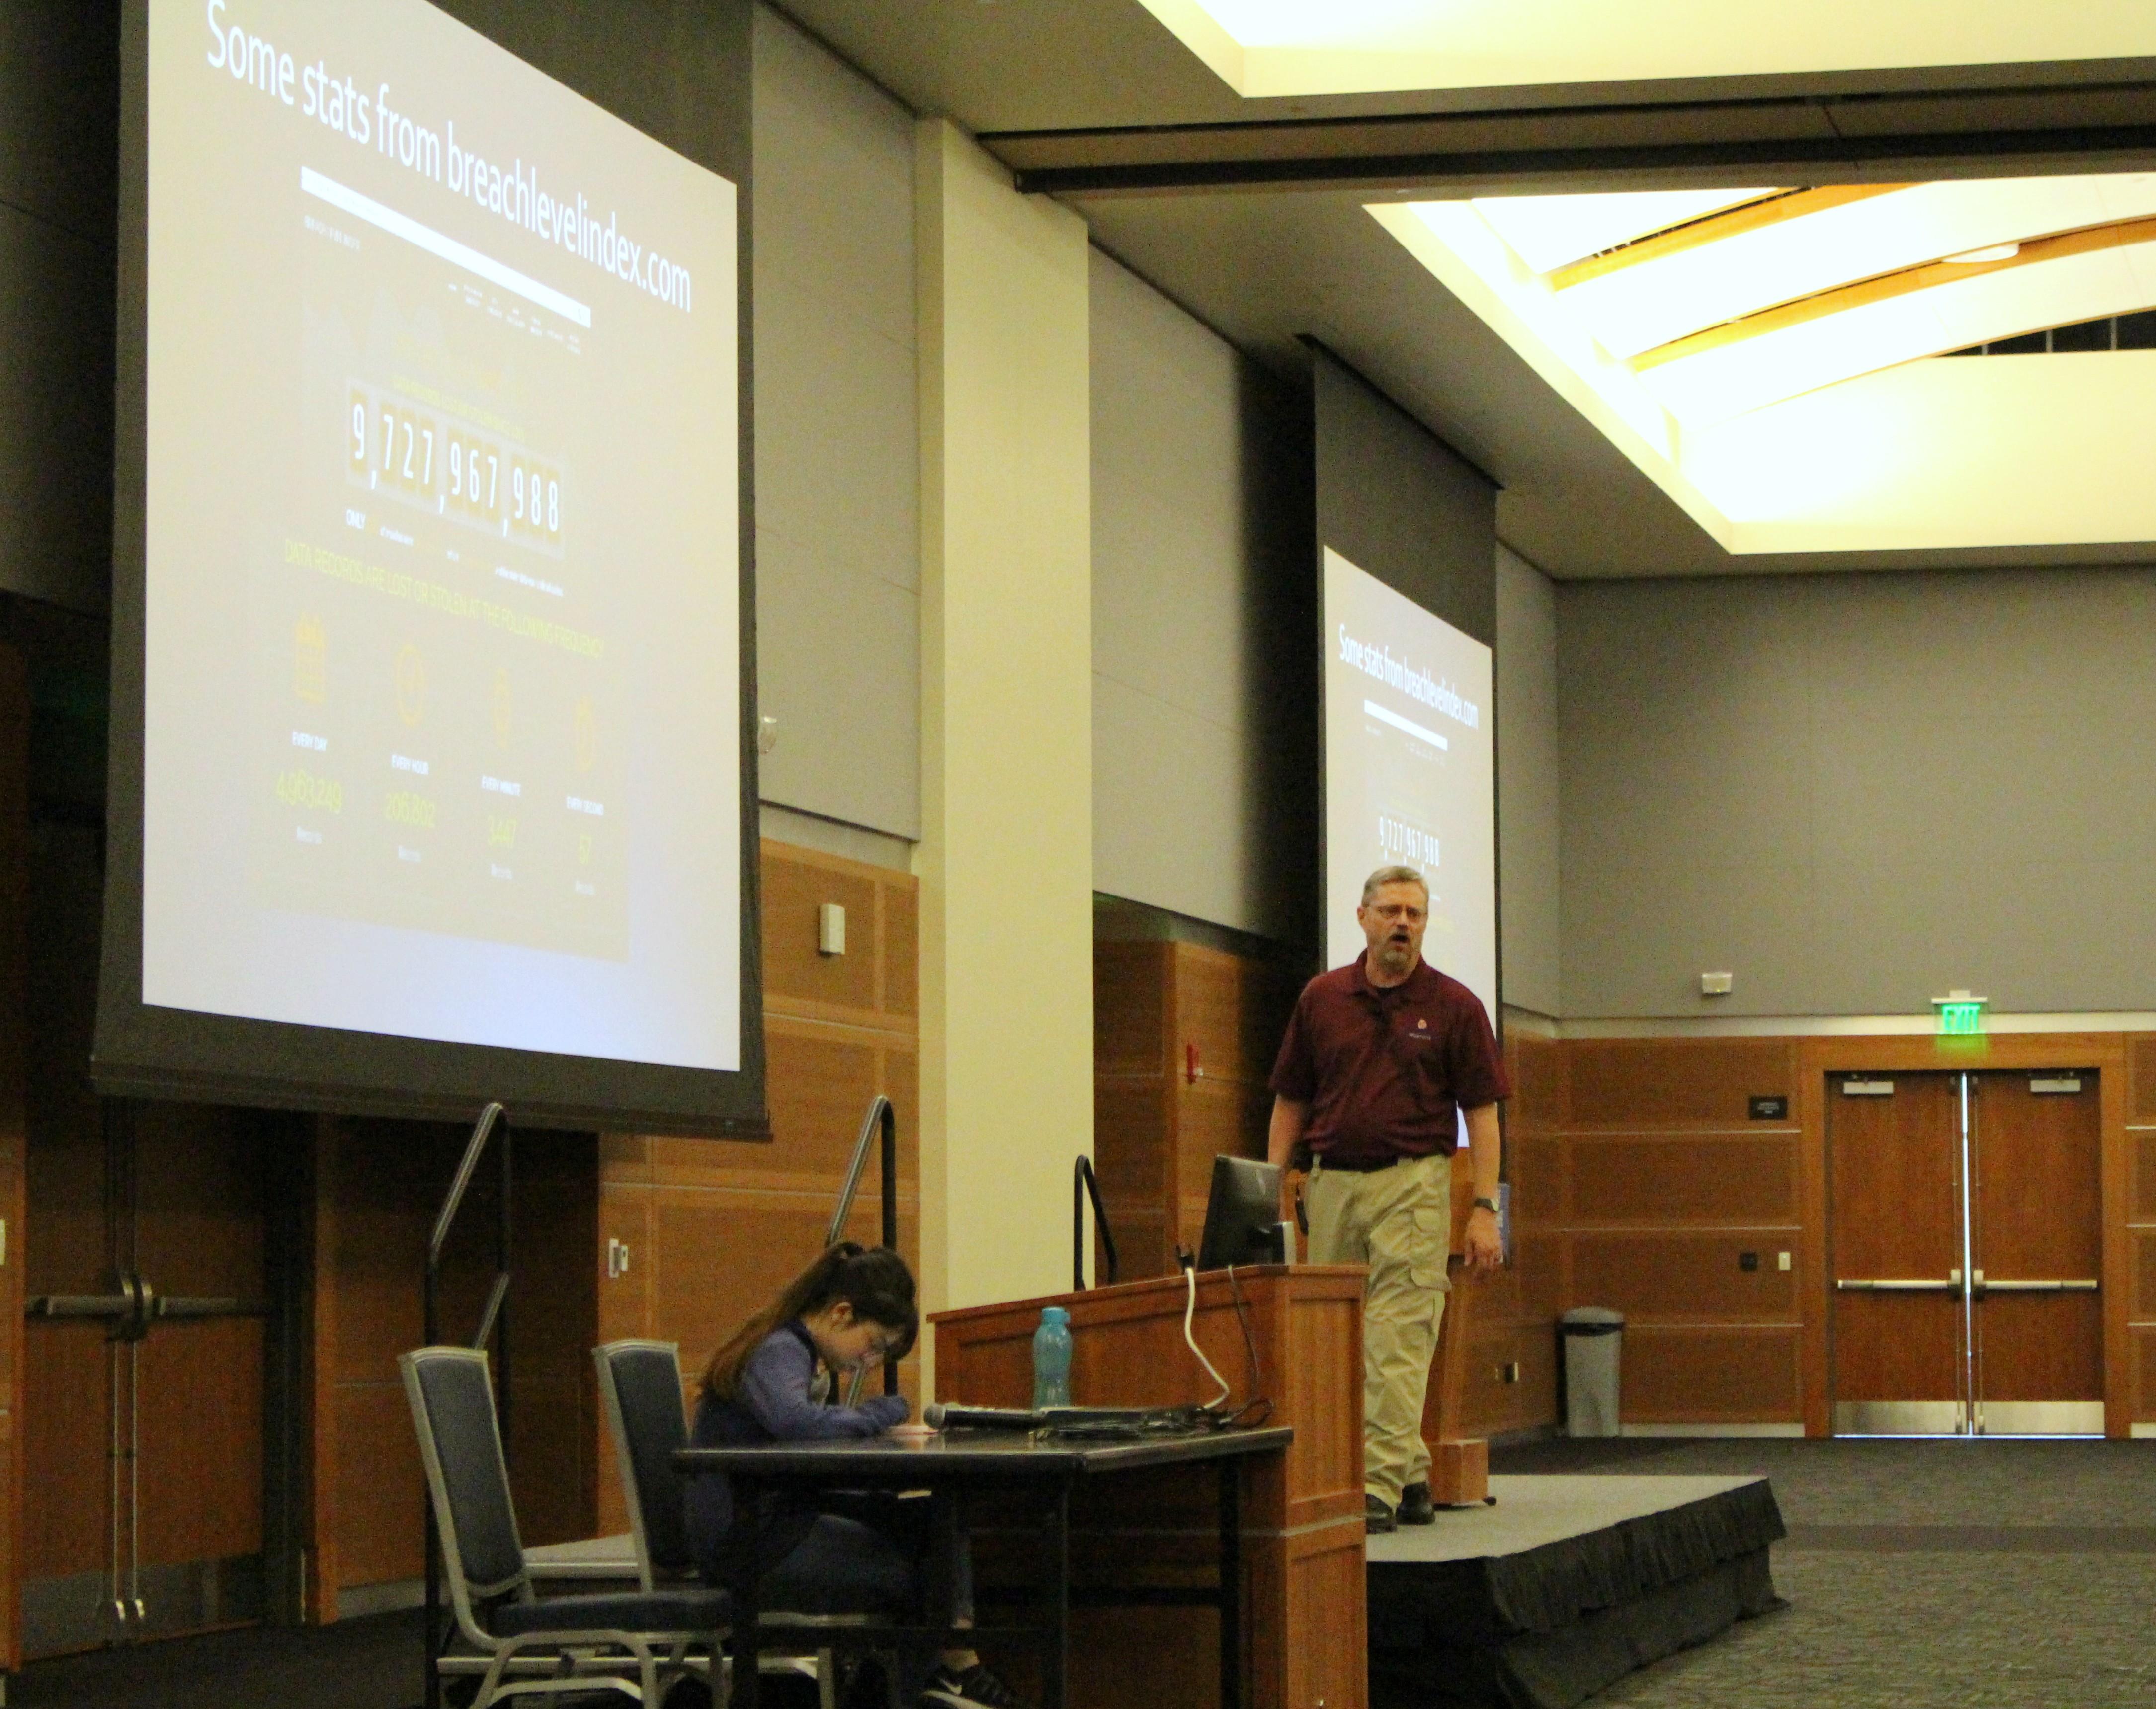 Steve Mallard Speaking at Cyber Summit